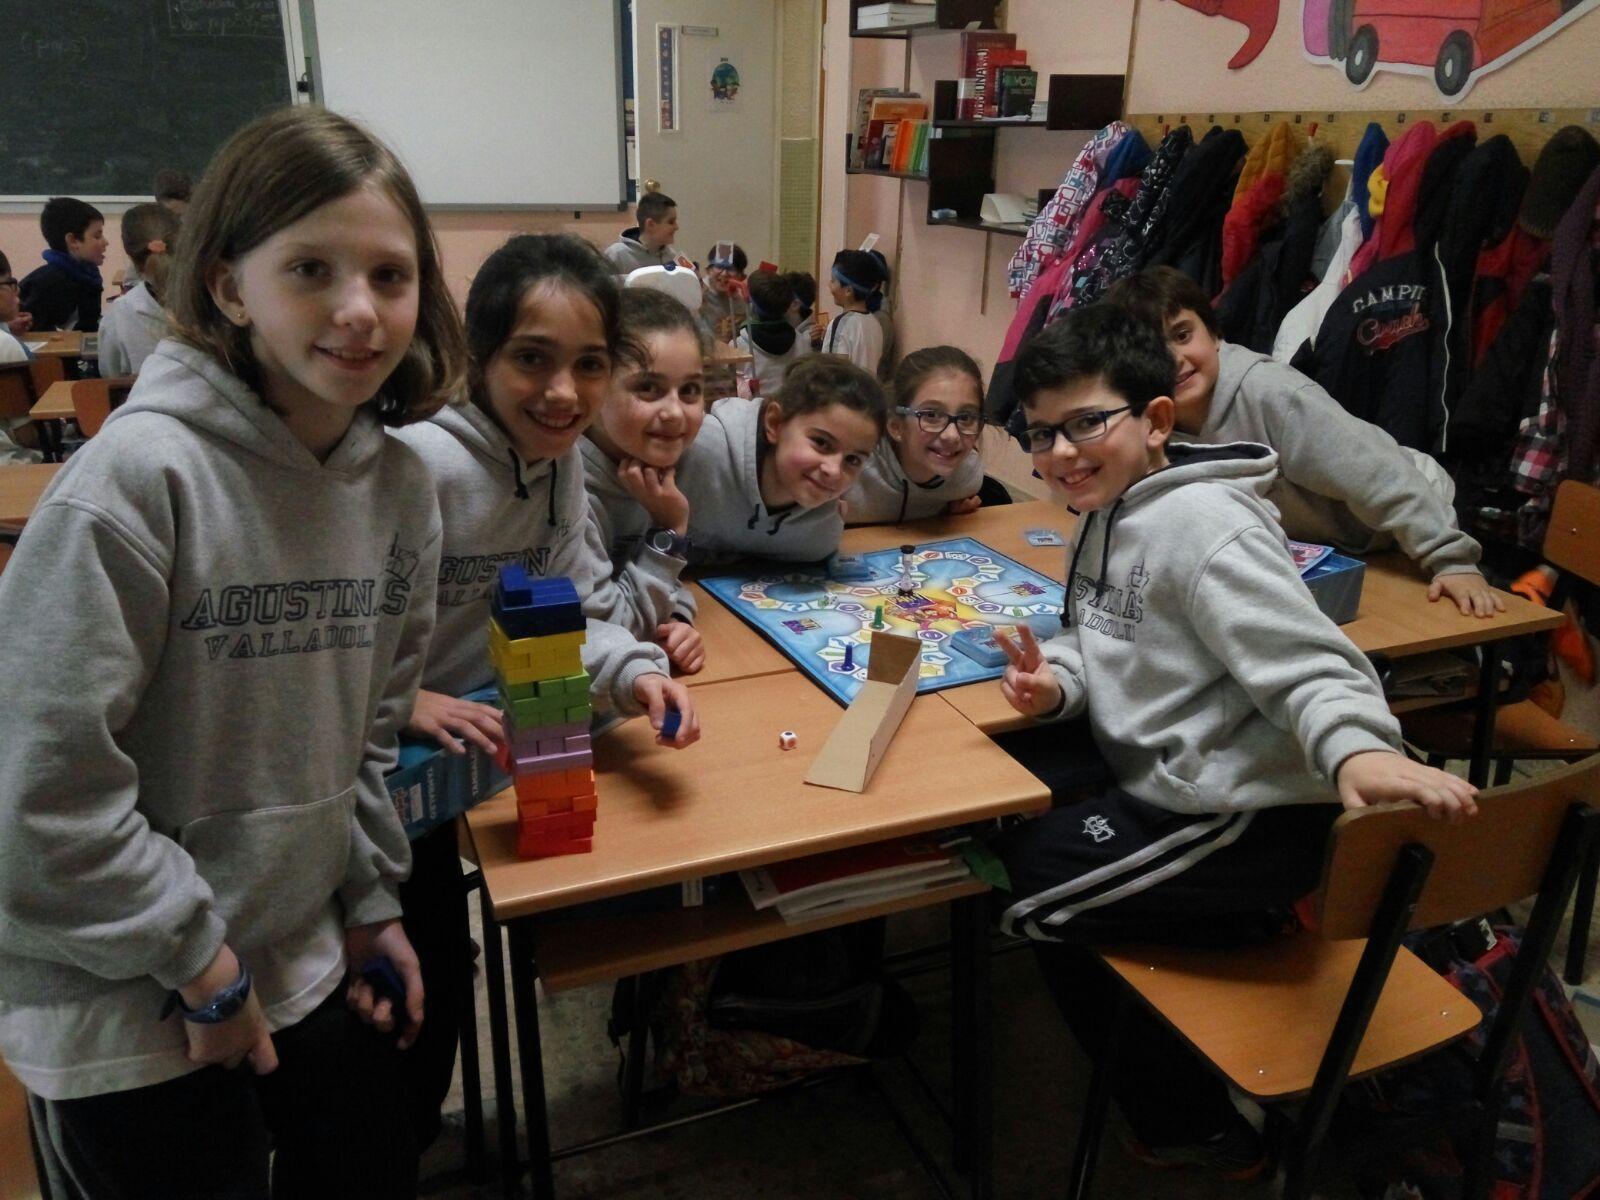 Agustinas Valladolid - Primaria 4 - Reyes Magos 1